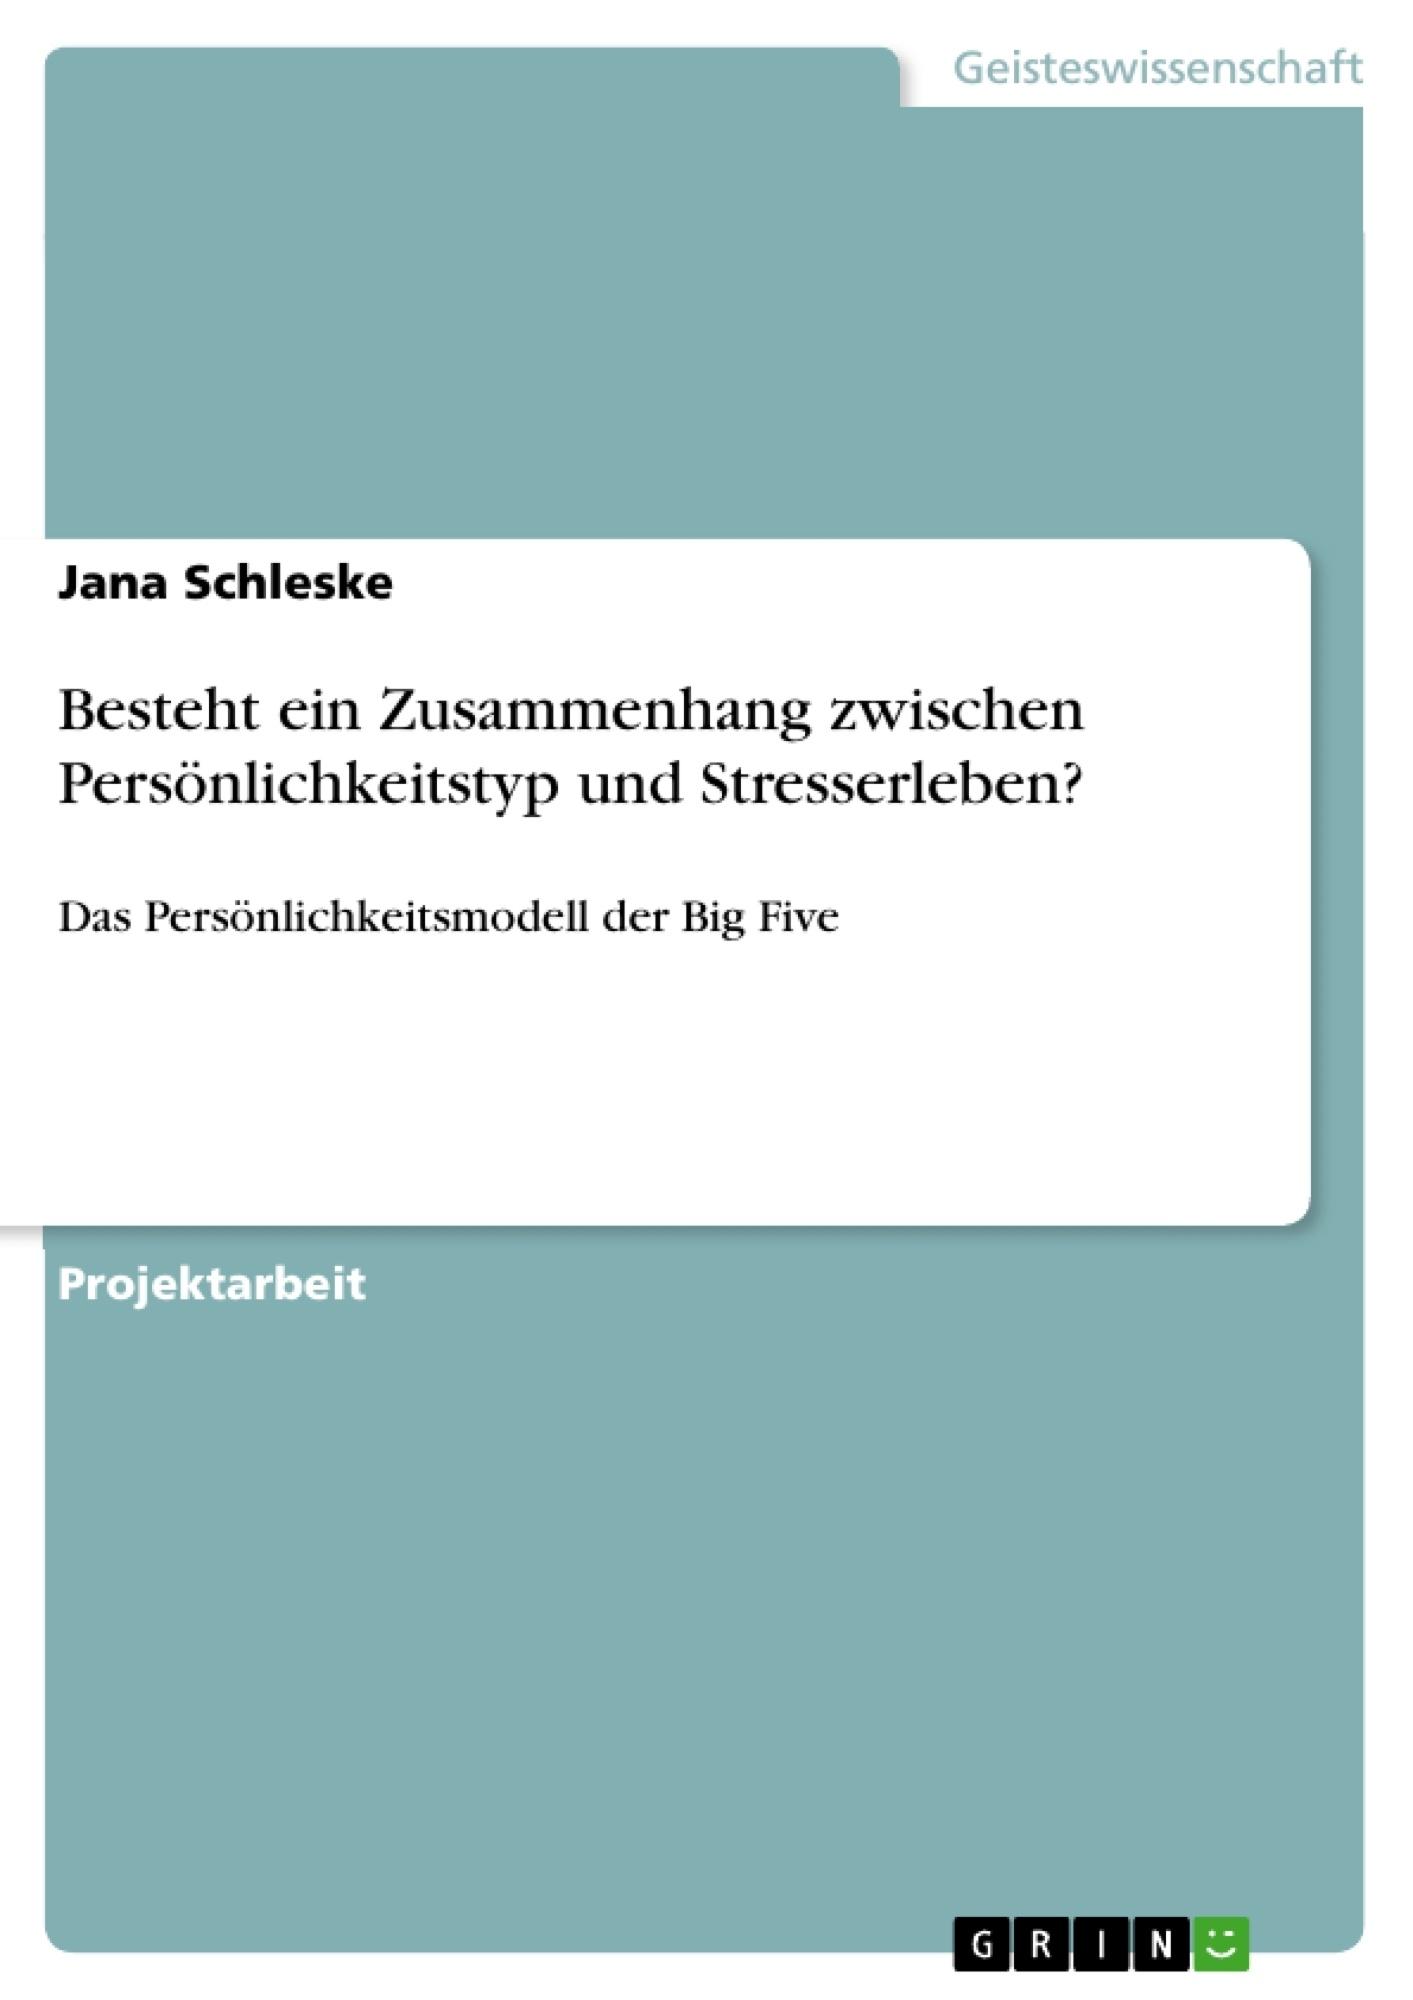 Titel: Besteht ein Zusammenhang zwischen Persönlichkeitstyp und Stresserleben?